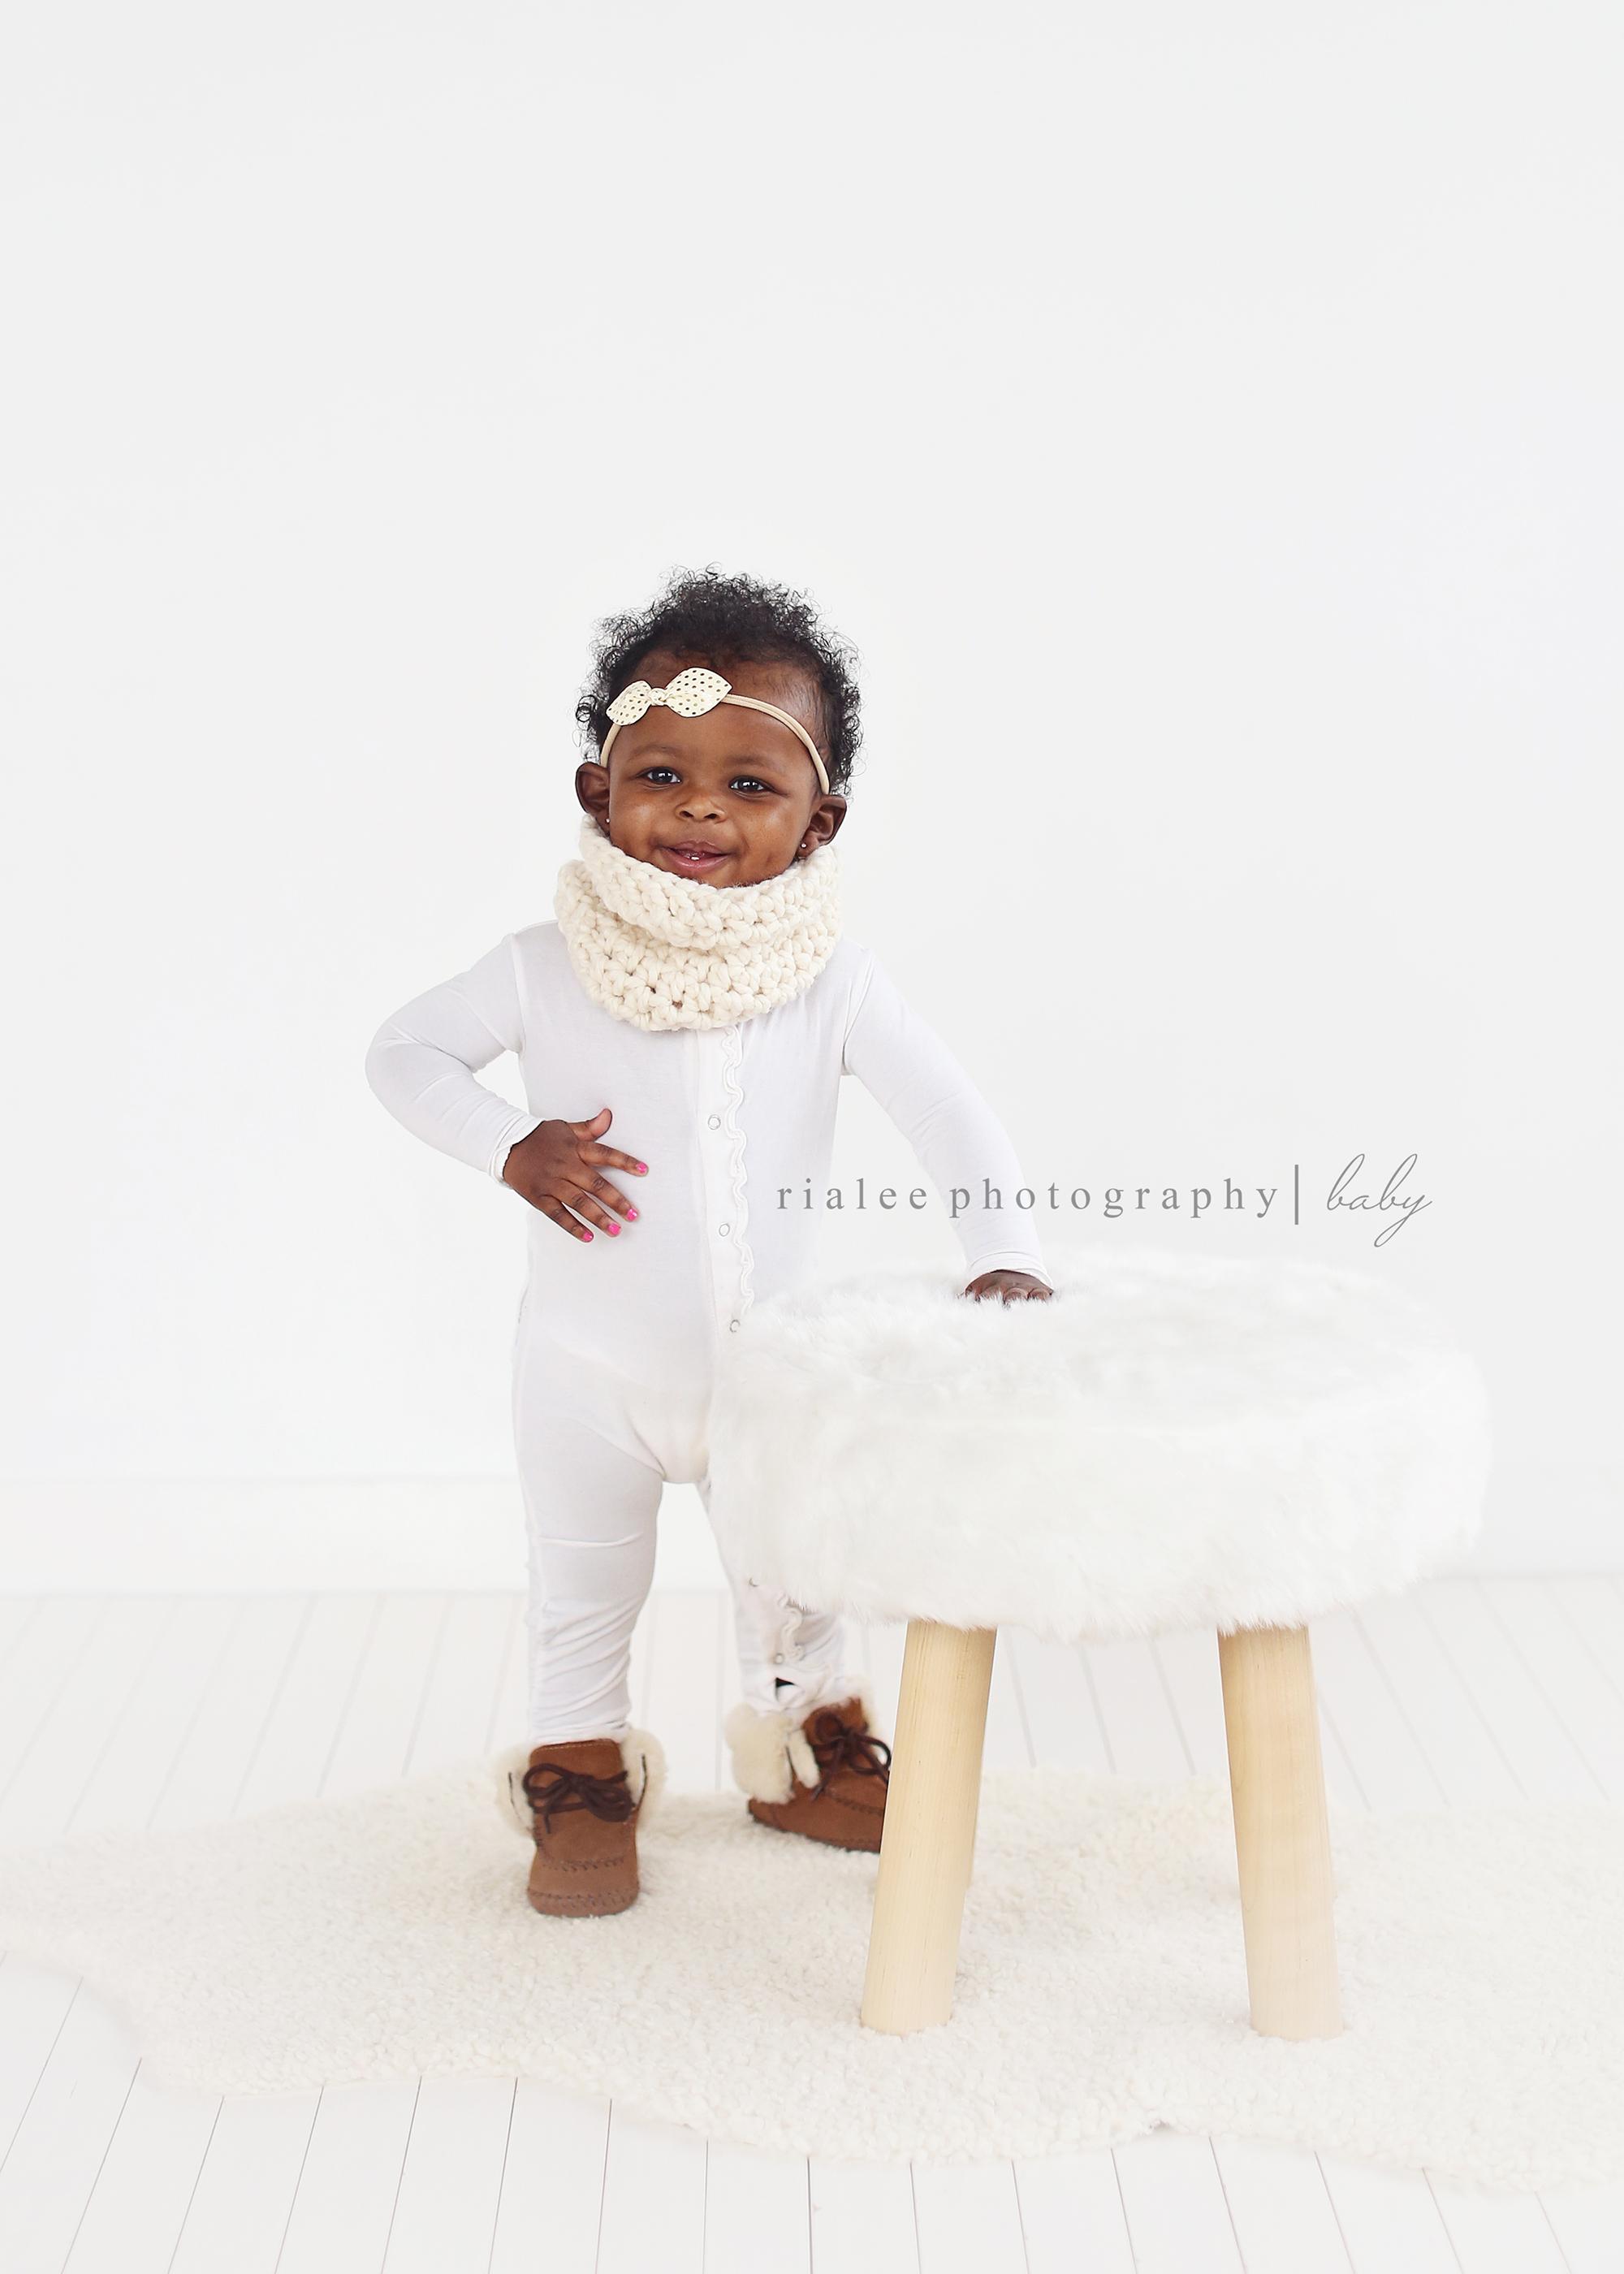 babyphotographerfargo.jpg